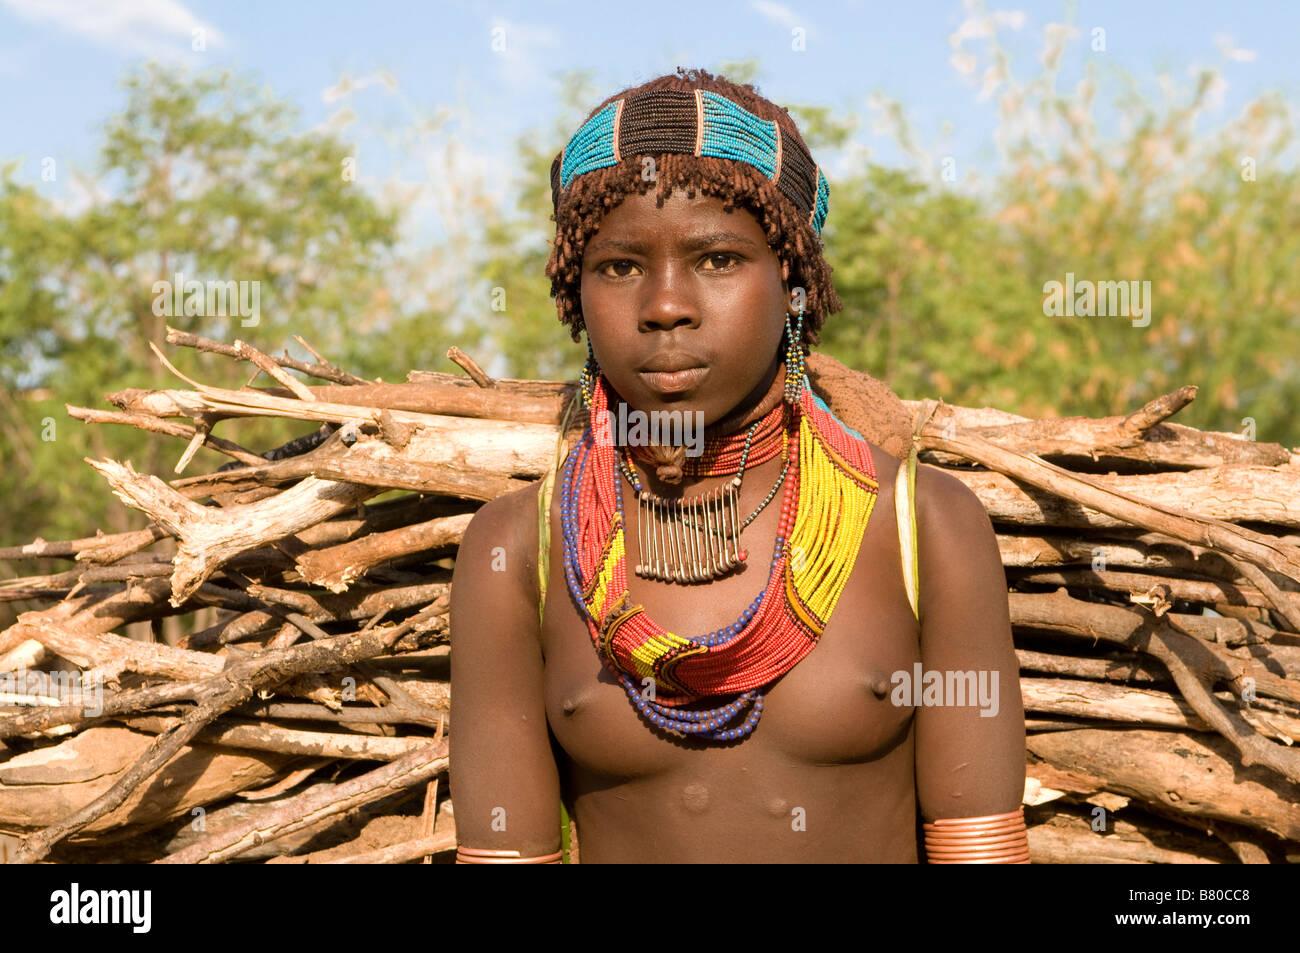 African teen ragazze nude